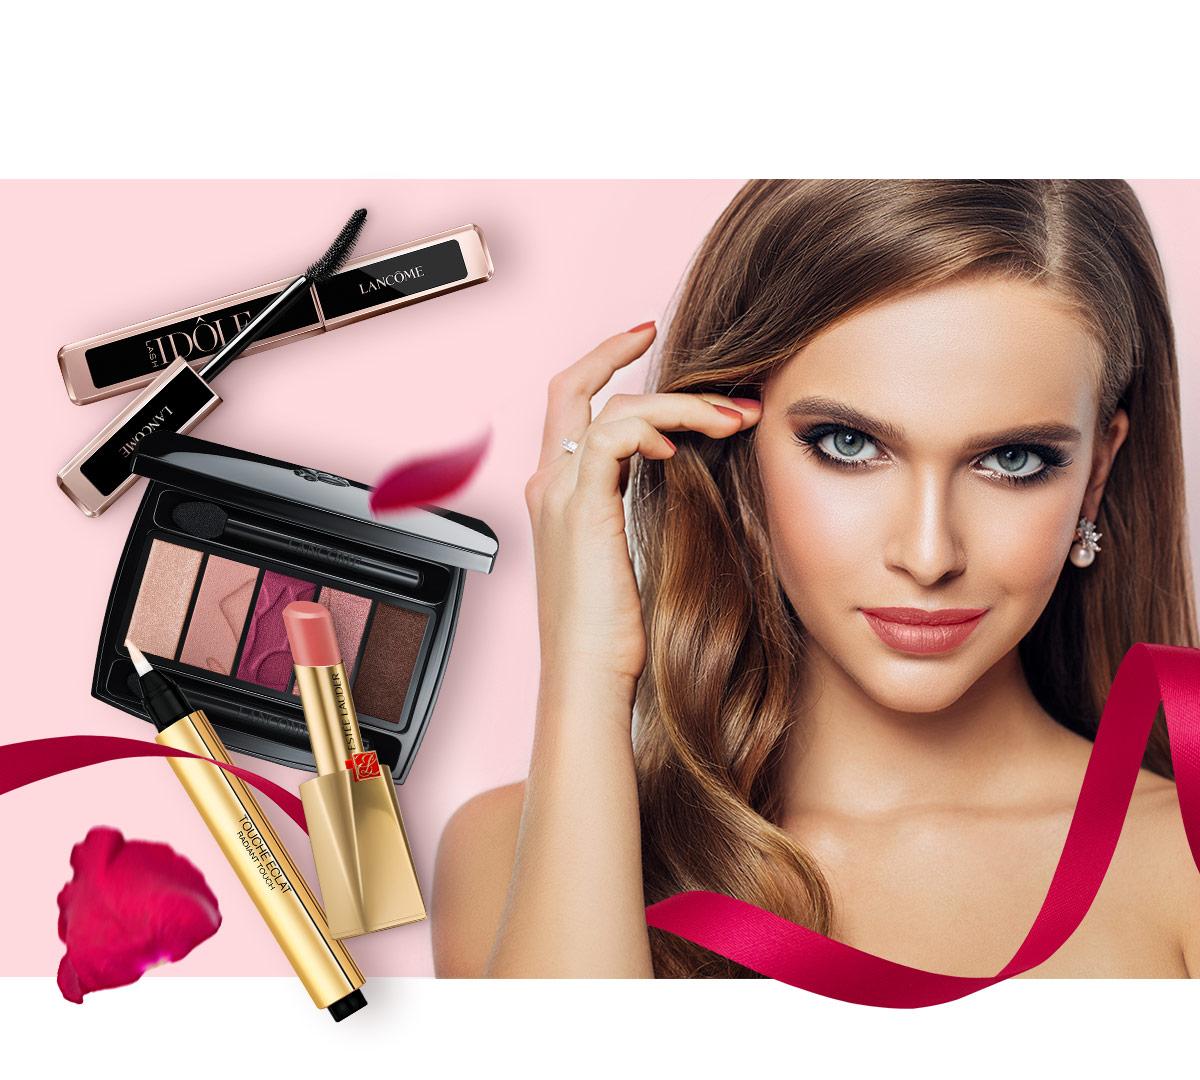 Ispirazione per il makeup di San Valentino